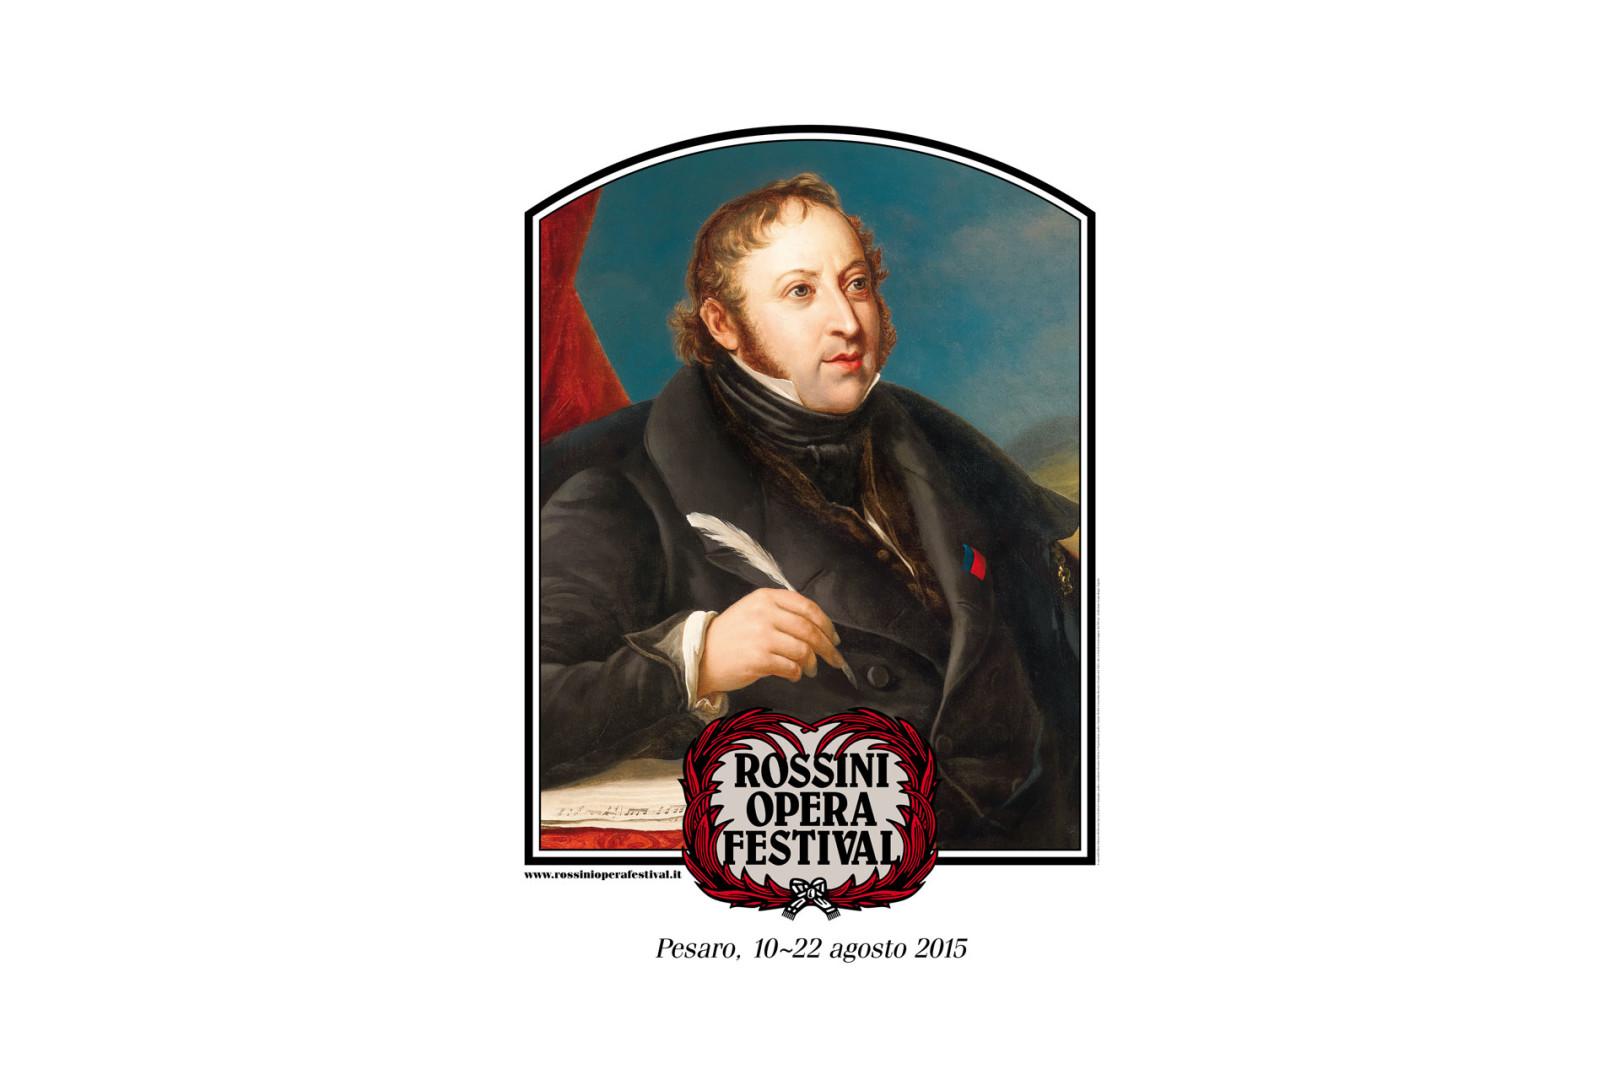 Rossini Opera Festival 2015